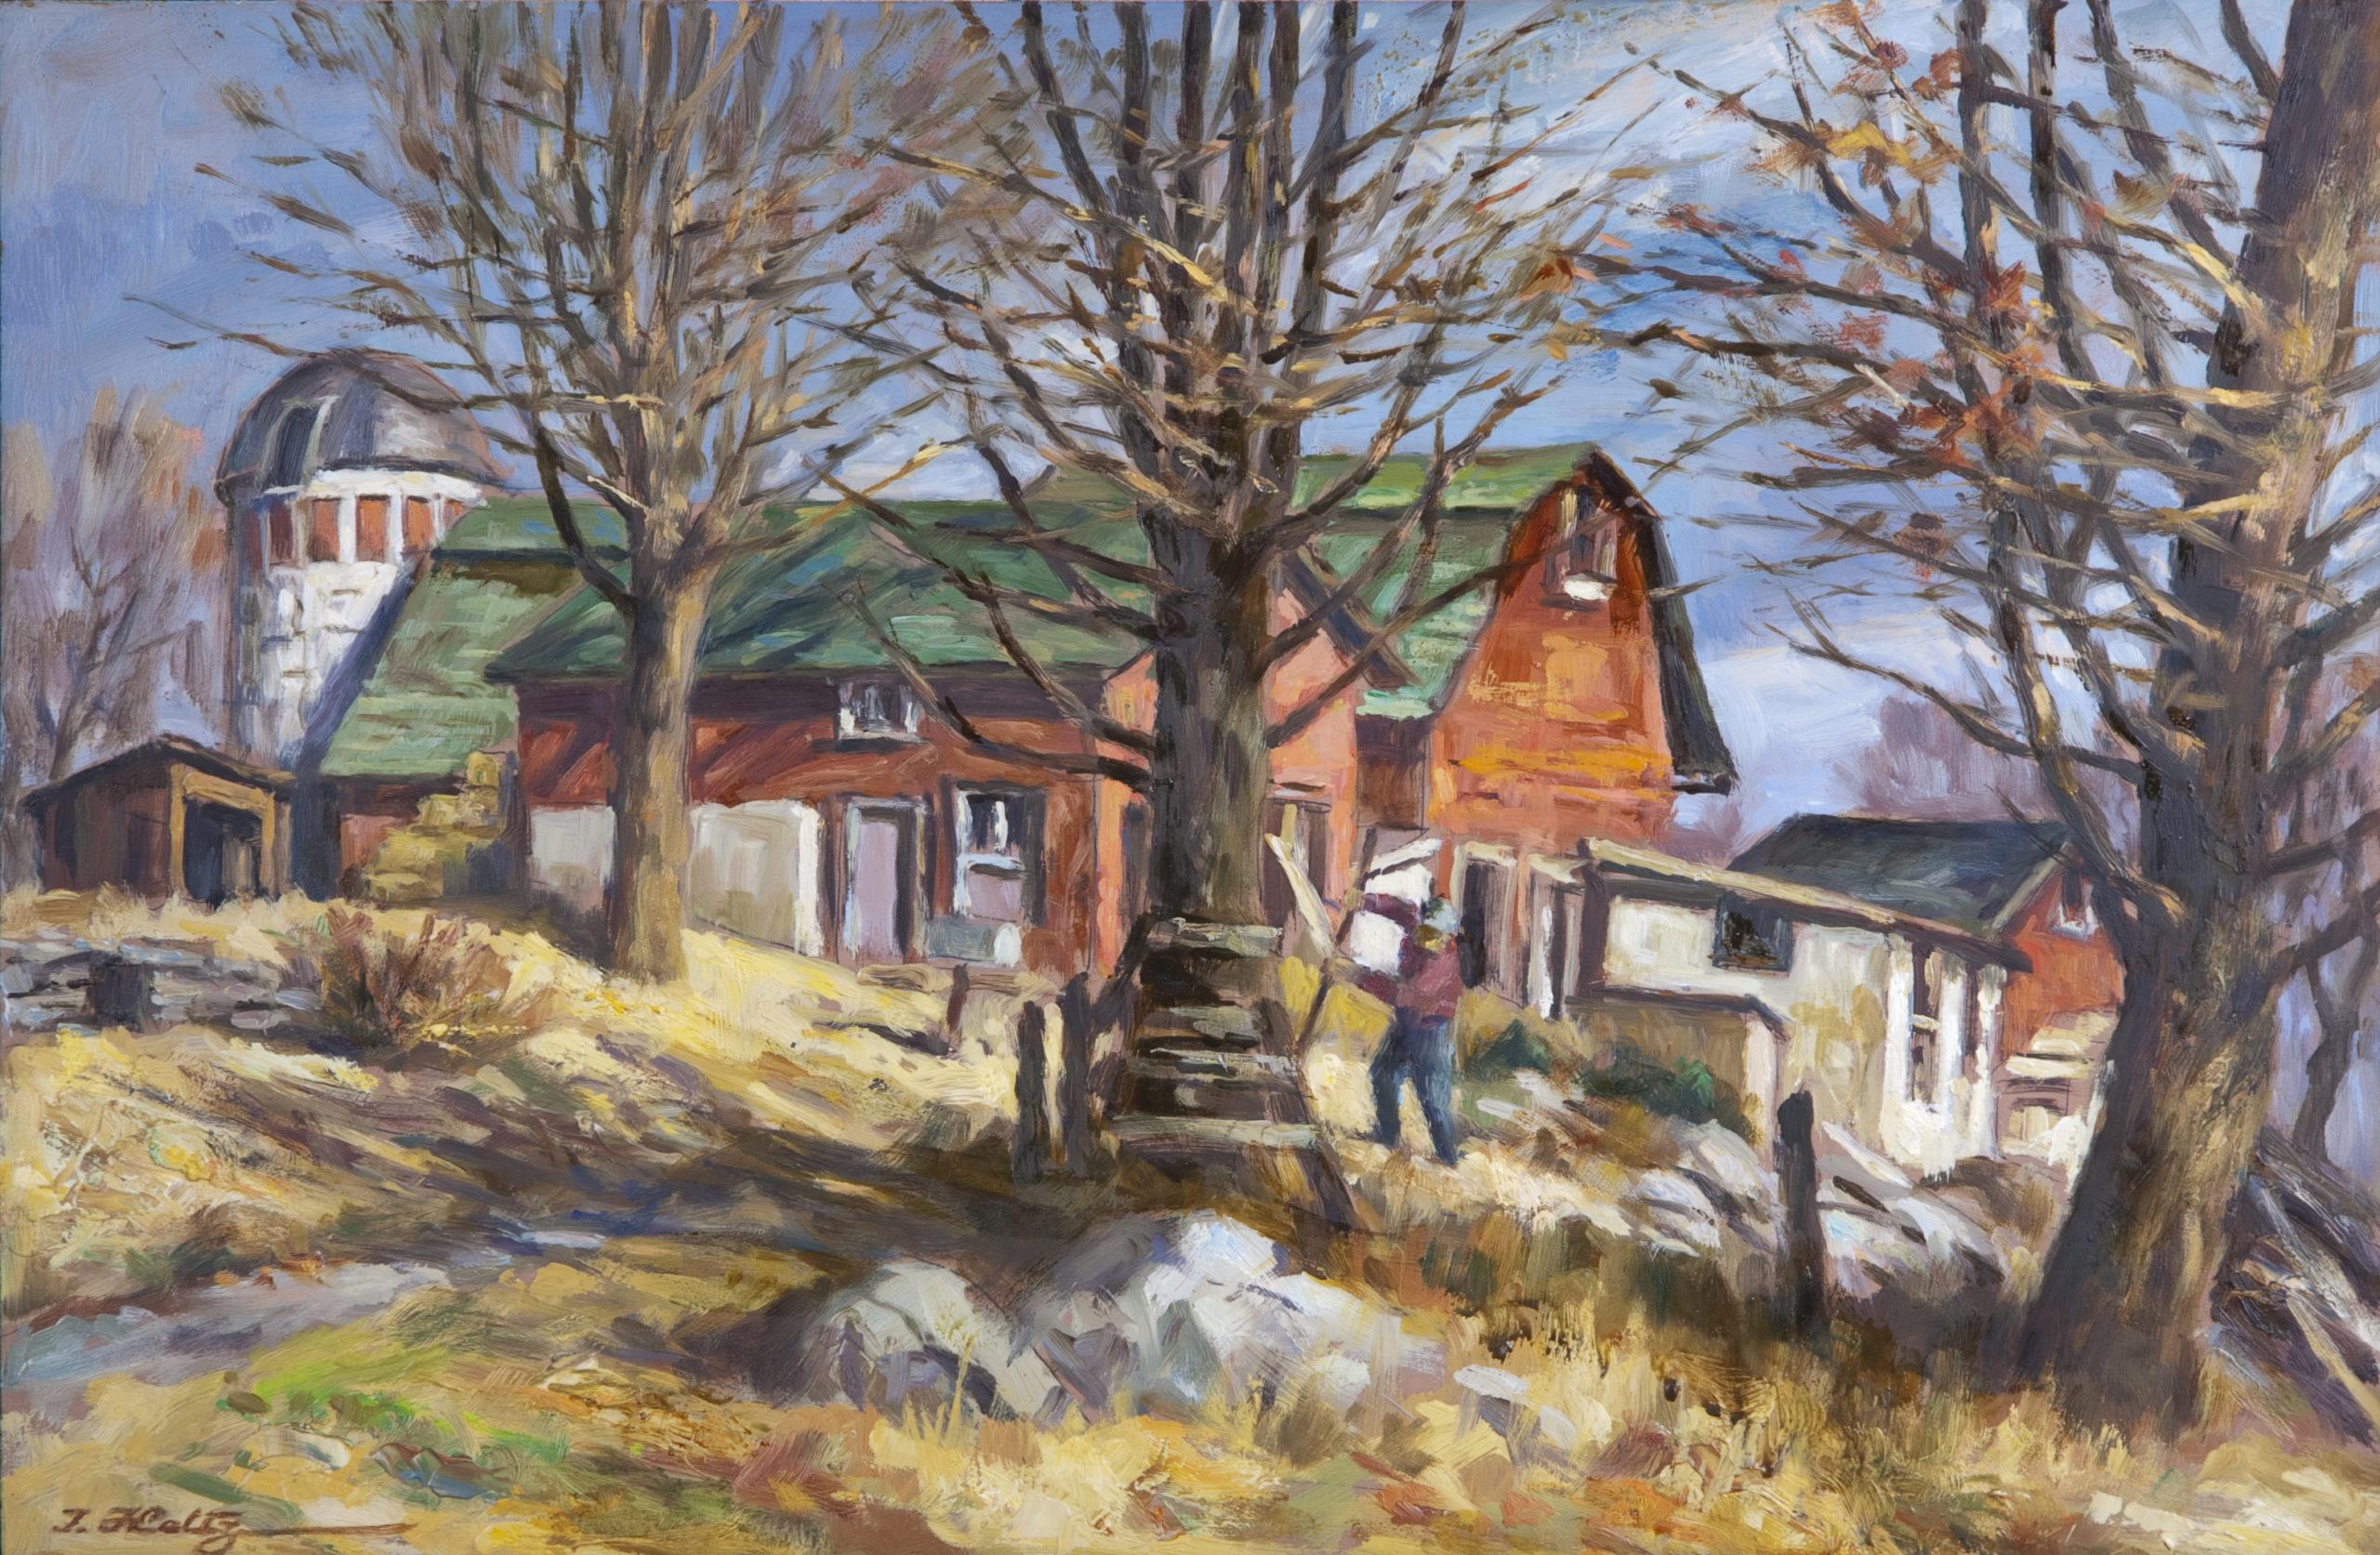 144 Farmhouse 1966 - Oil on Masonite - 18 x 12 - No Frame